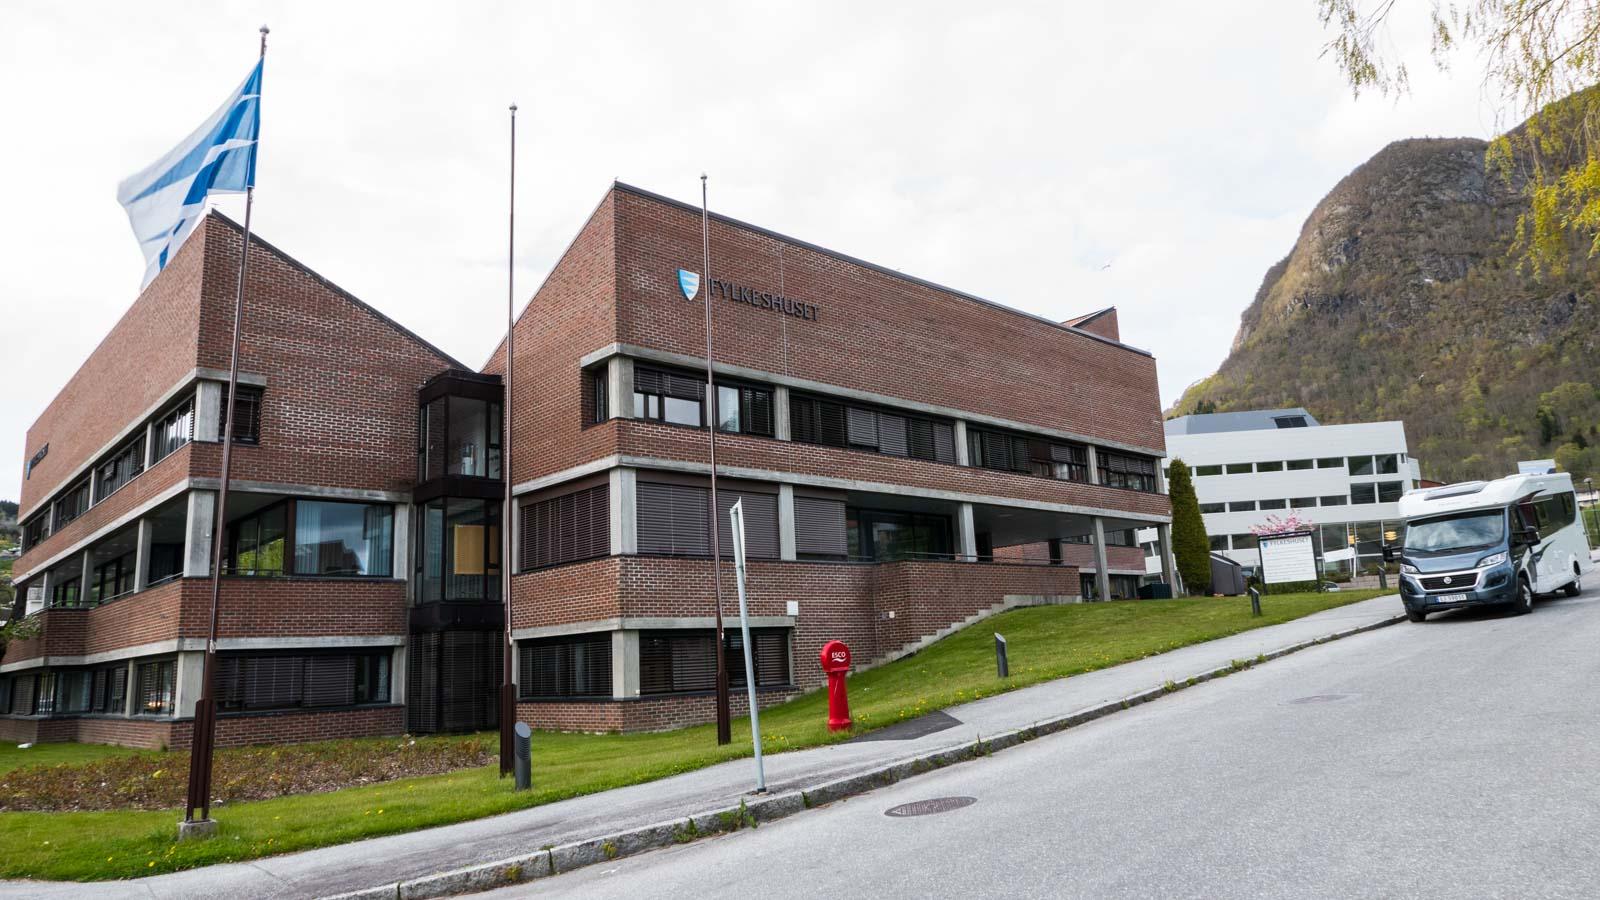 Fylkeshuset for Sogn og Fjordane - Leikanger